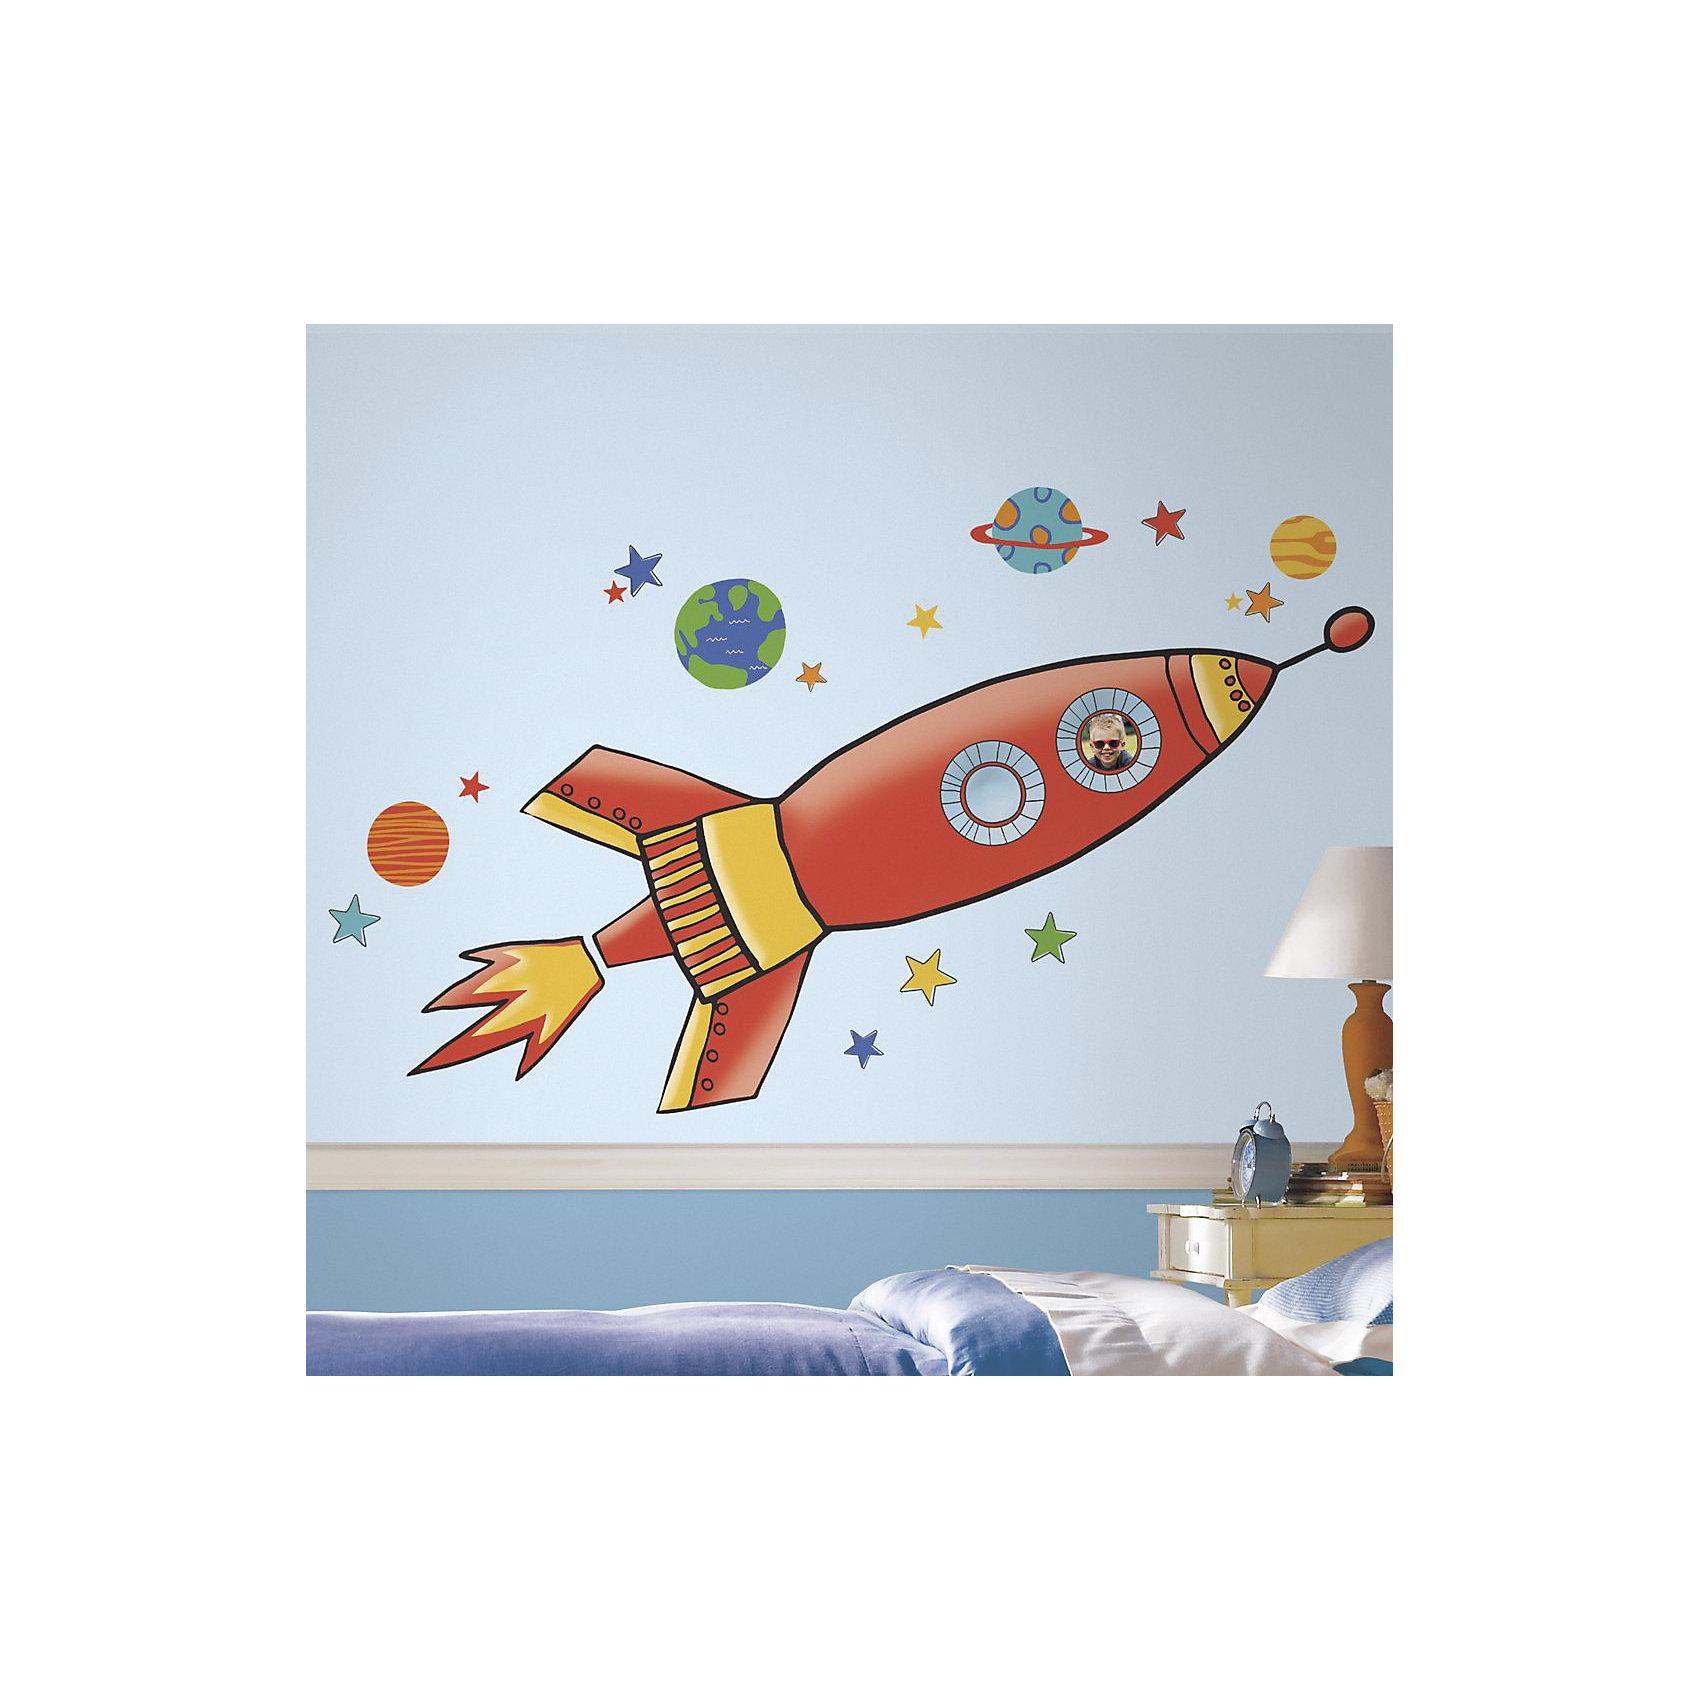 Наклейки для декора Ракета, большой форматДетские предметы интерьера<br>Наклейки для декора Ракета, RoomMates, замечательно подойдут для украшения Вашего интерьера и придадут ему оригинальный вид. В комплект входят наклейки большого формата с красочным изображением космической ракеты в окружении звезд и планет. Наклейки просты в применении и подходят для многоразового использования. Освободите выбранный рисунок от защитного слоя и приклейте на стену или любую другую плоскую гладкую поверхность. Стикеры легко отклеиваются и не оставляют липких следов на поверхности. Яркие наклейки с красочными интересными рисунками будут радовать Вашего ребенка и создавать атмосферу домашнего уюта.<br><br>Дополнительная информация:<br><br>- Материал: винил.<br>- Размер изображения в собранном виде: 135 х 49,3 см.<br>- Размер упаковки: 48,3 х 12,7 х 2,6 см. <br>- Вес: 0,227 кг. <br><br>Наклейки для декора Ракета, большой формат, RoomMates, можно купить в нашем интернет-магазине.<br><br>Ширина мм: 483<br>Глубина мм: 127<br>Высота мм: 26<br>Вес г: 331<br>Возраст от месяцев: 36<br>Возраст до месяцев: 144<br>Пол: Мужской<br>Возраст: Детский<br>SKU: 4652198